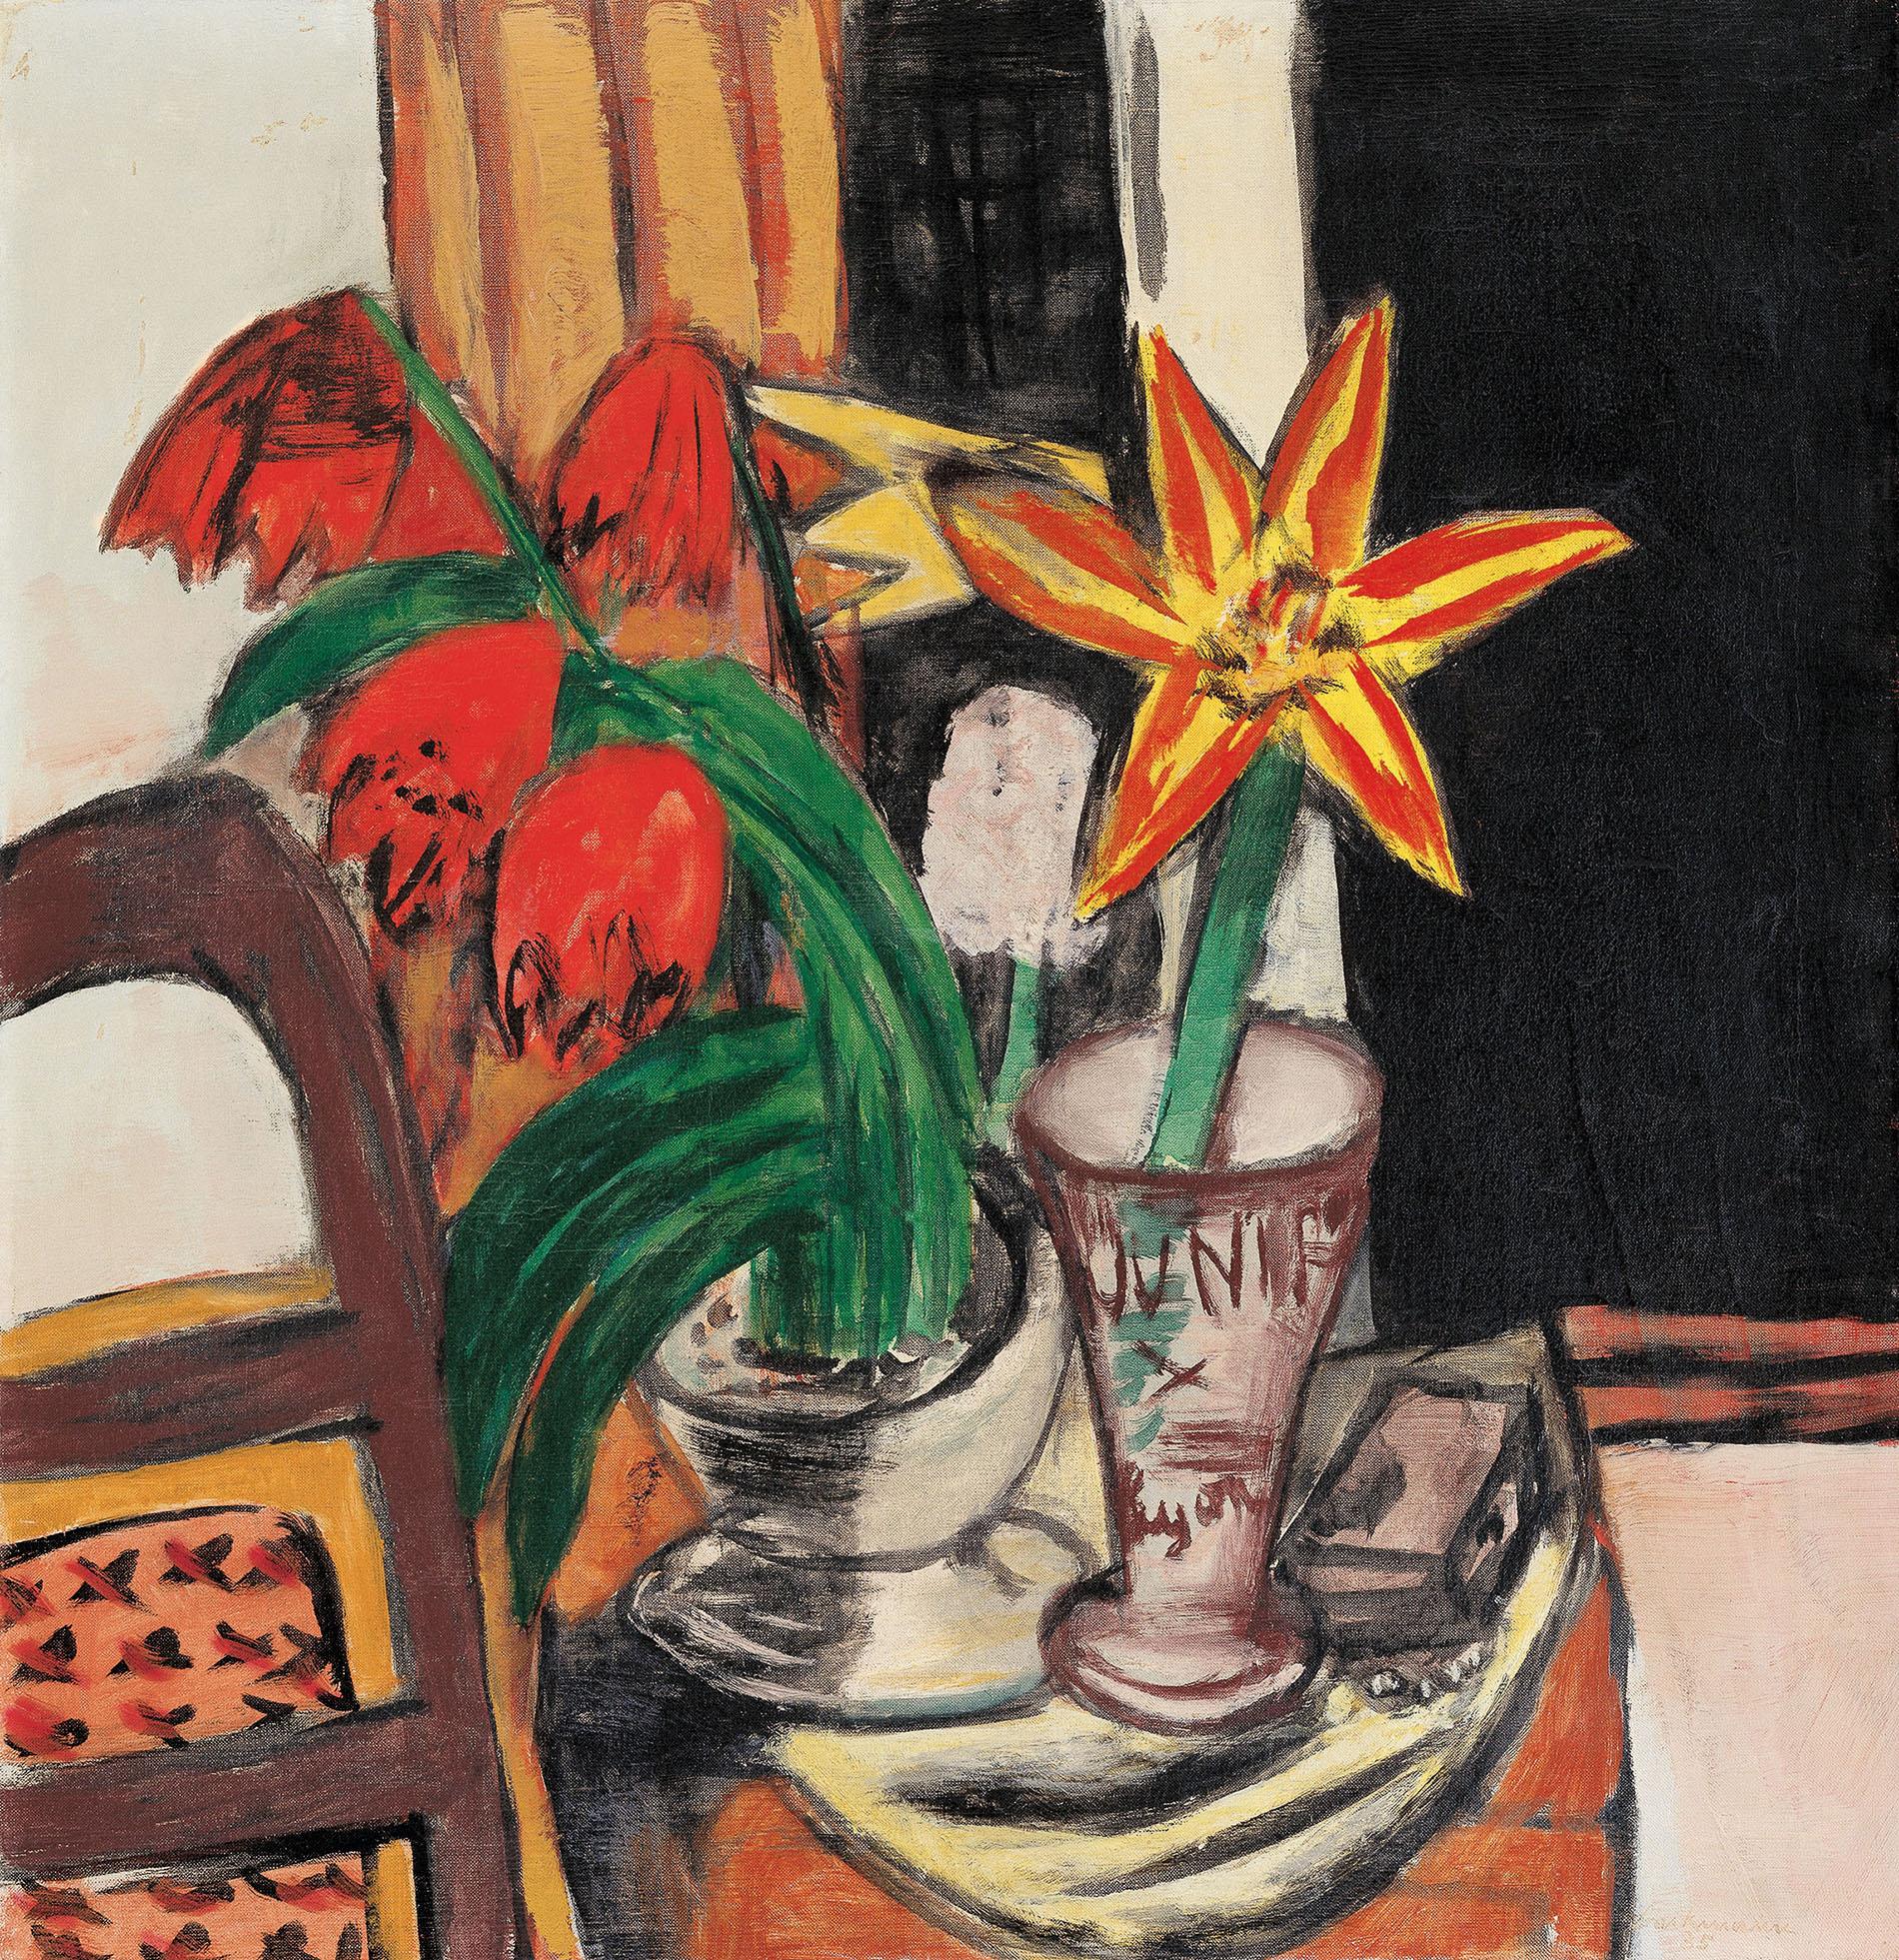 Max Beckmann, Rote Tulpen und Feuerlinien 1935, Öl auf Leinwand, Merzbacher Kunststiftung, © 2018, ProLitteris, Zurich